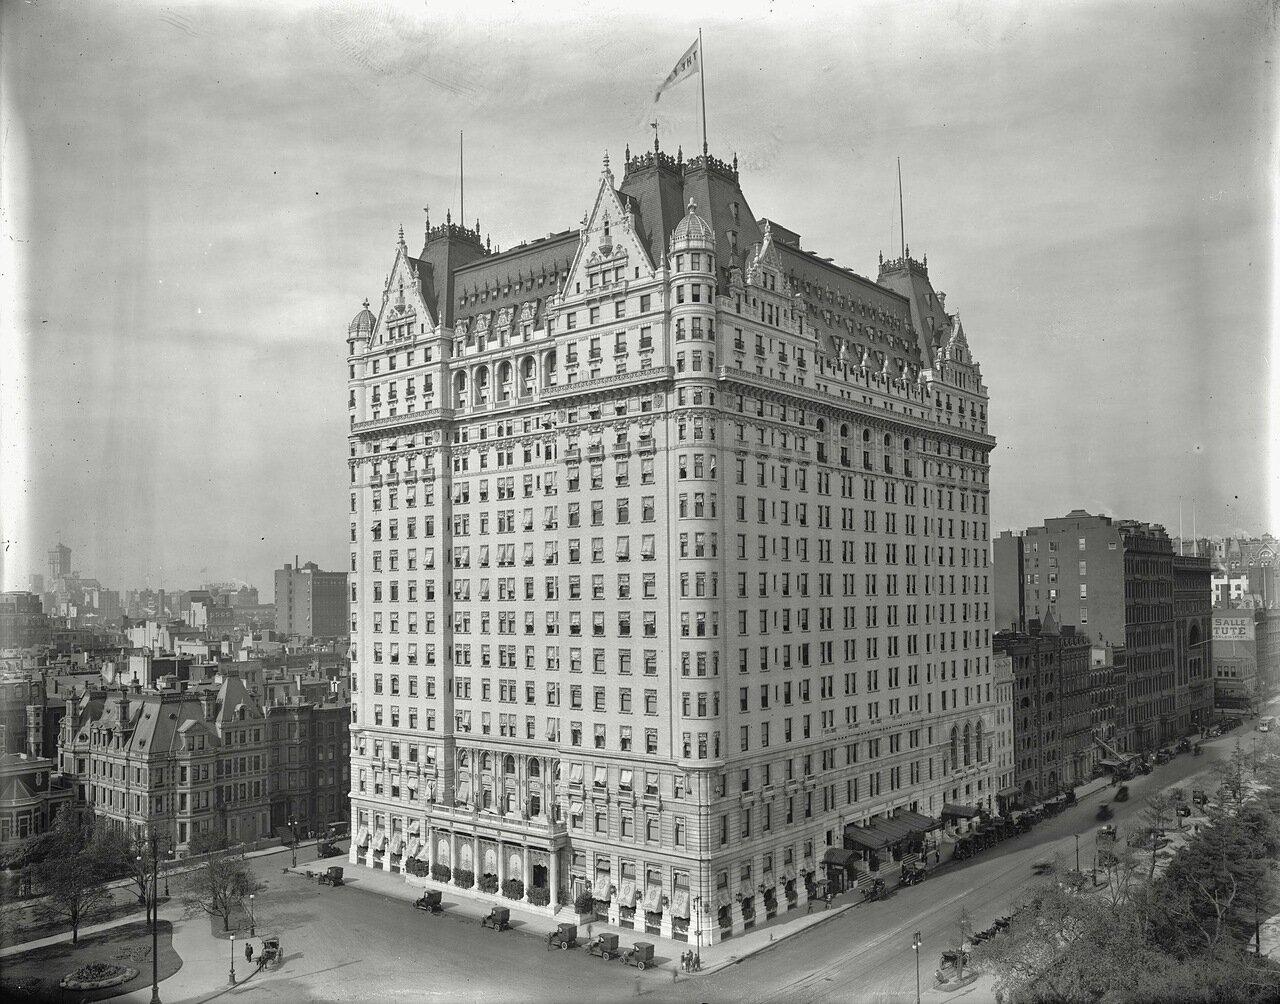 Отель Плаза, Нью-Йорк, приблизительно 1905-15 гг.